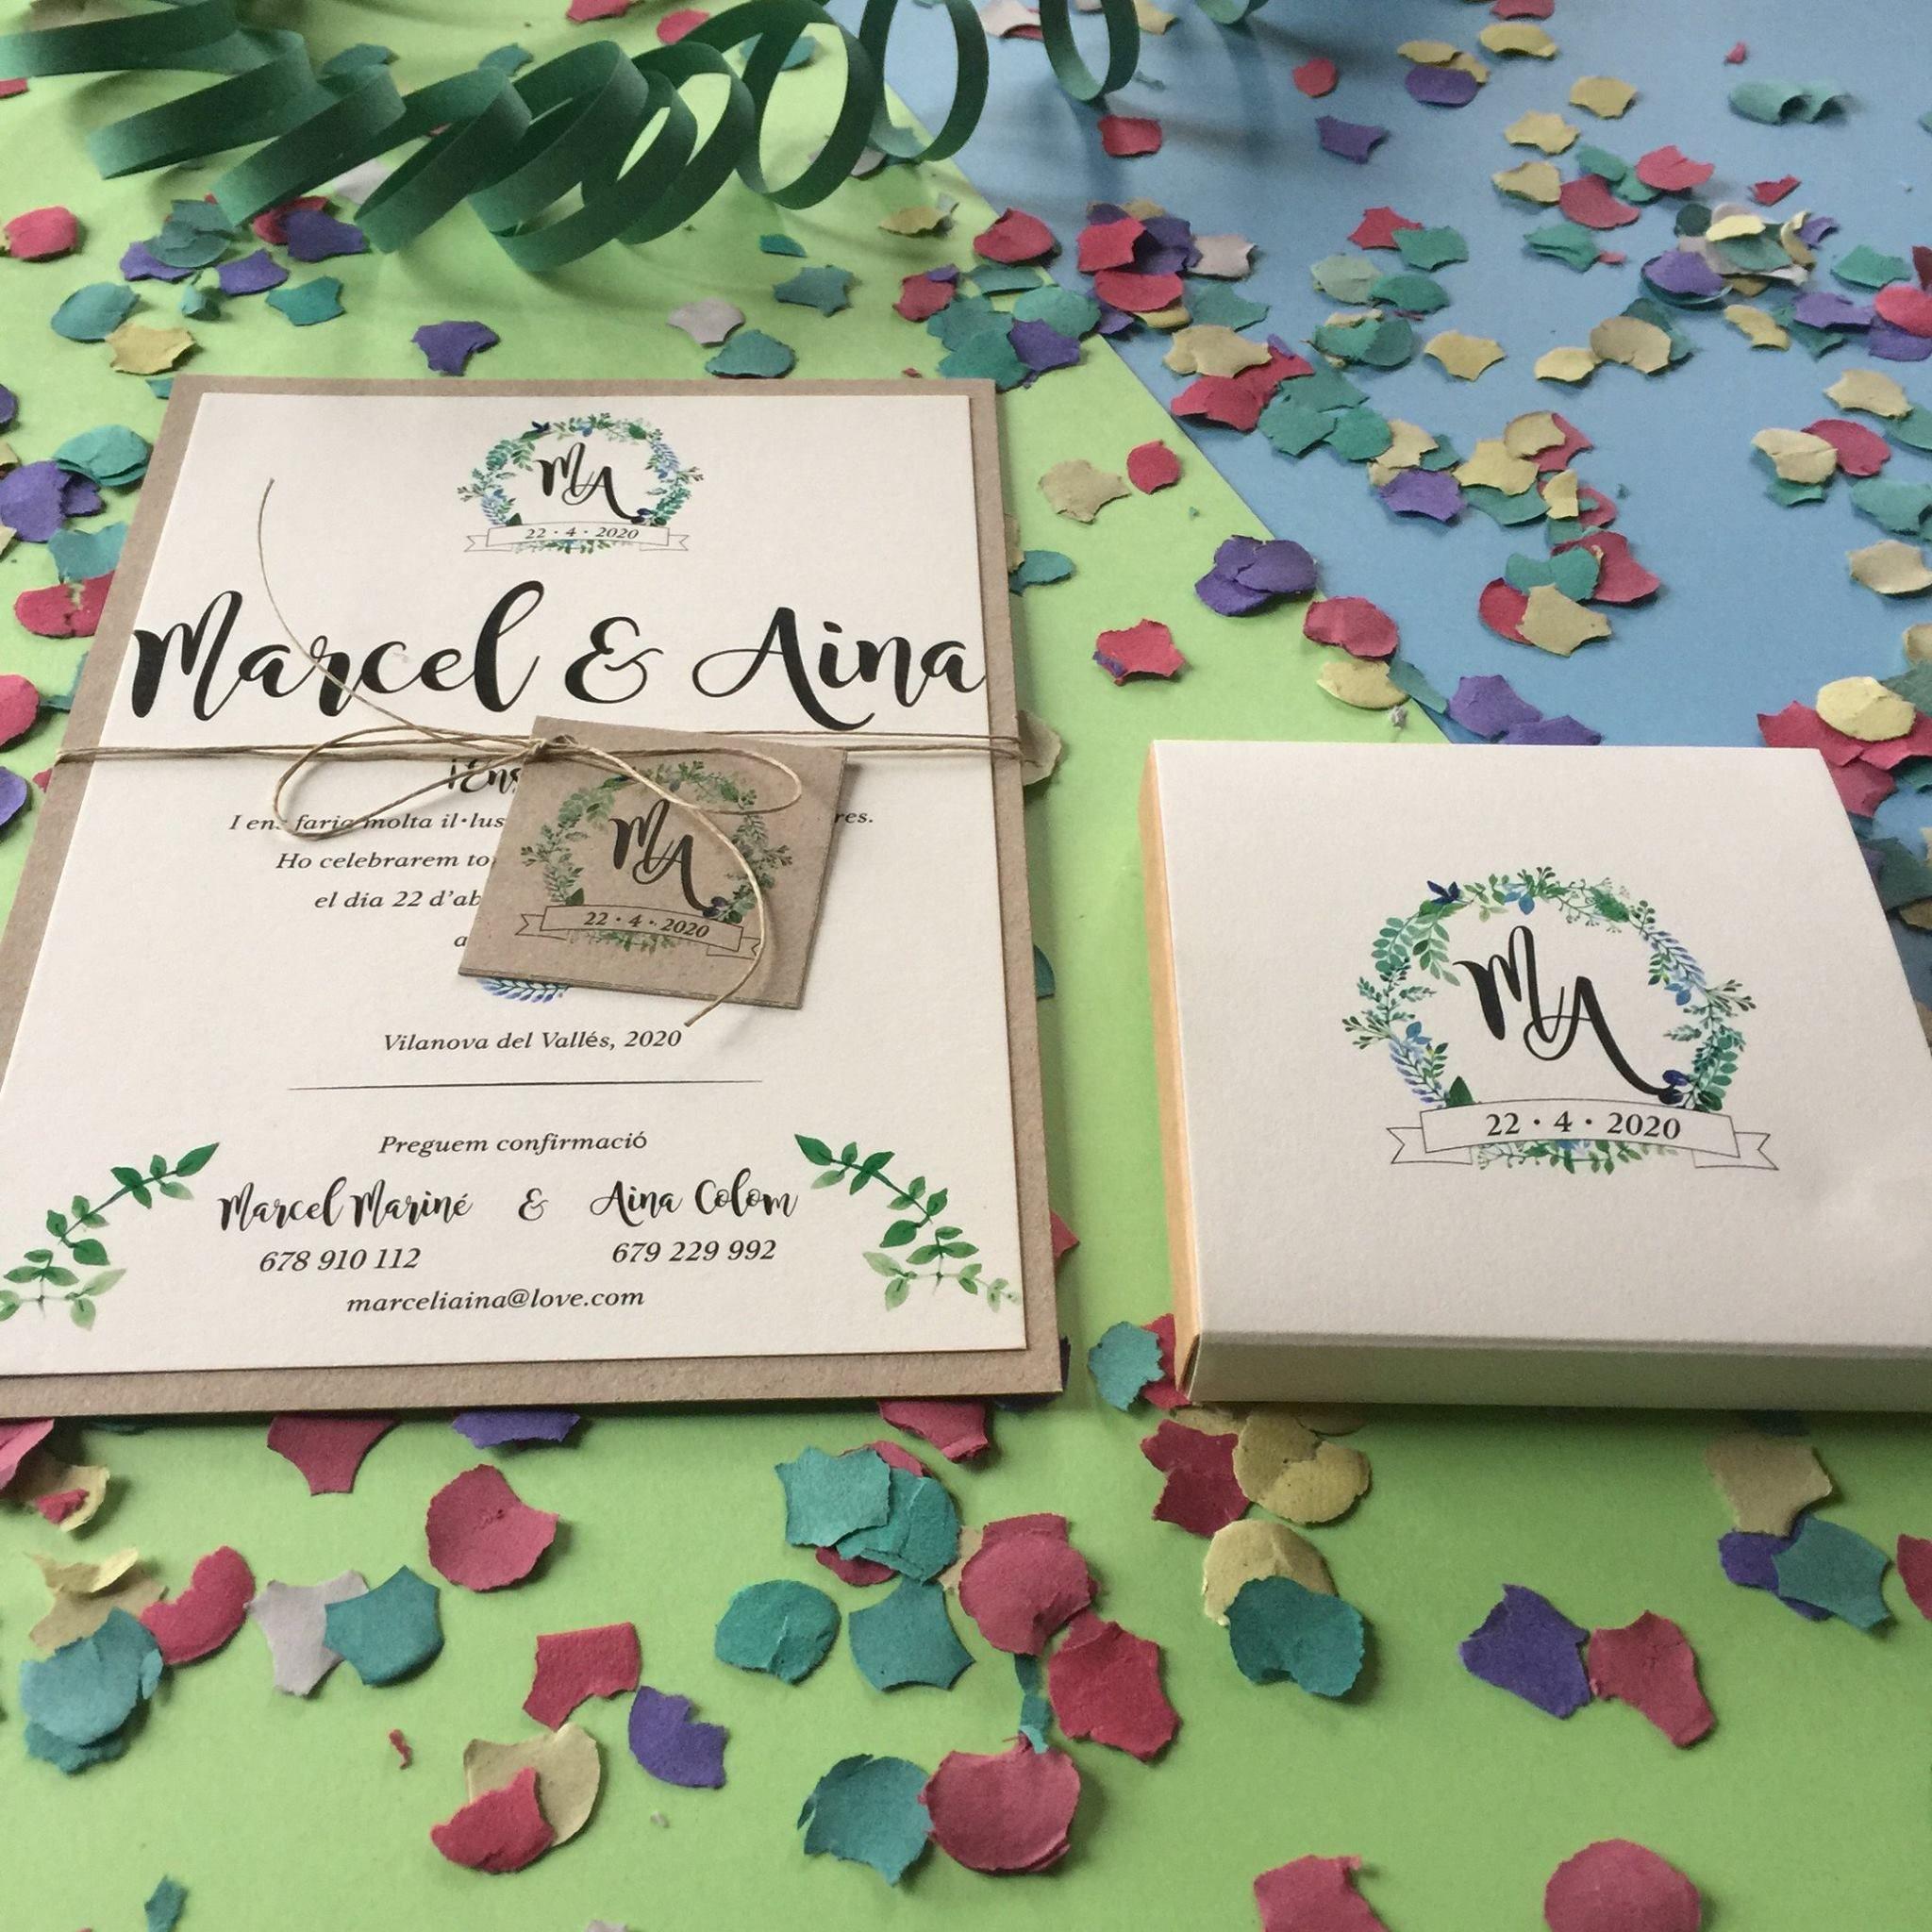 tarjetas boda flores  u00b7 tarjetas boda lavanda  u00b7 invitacions